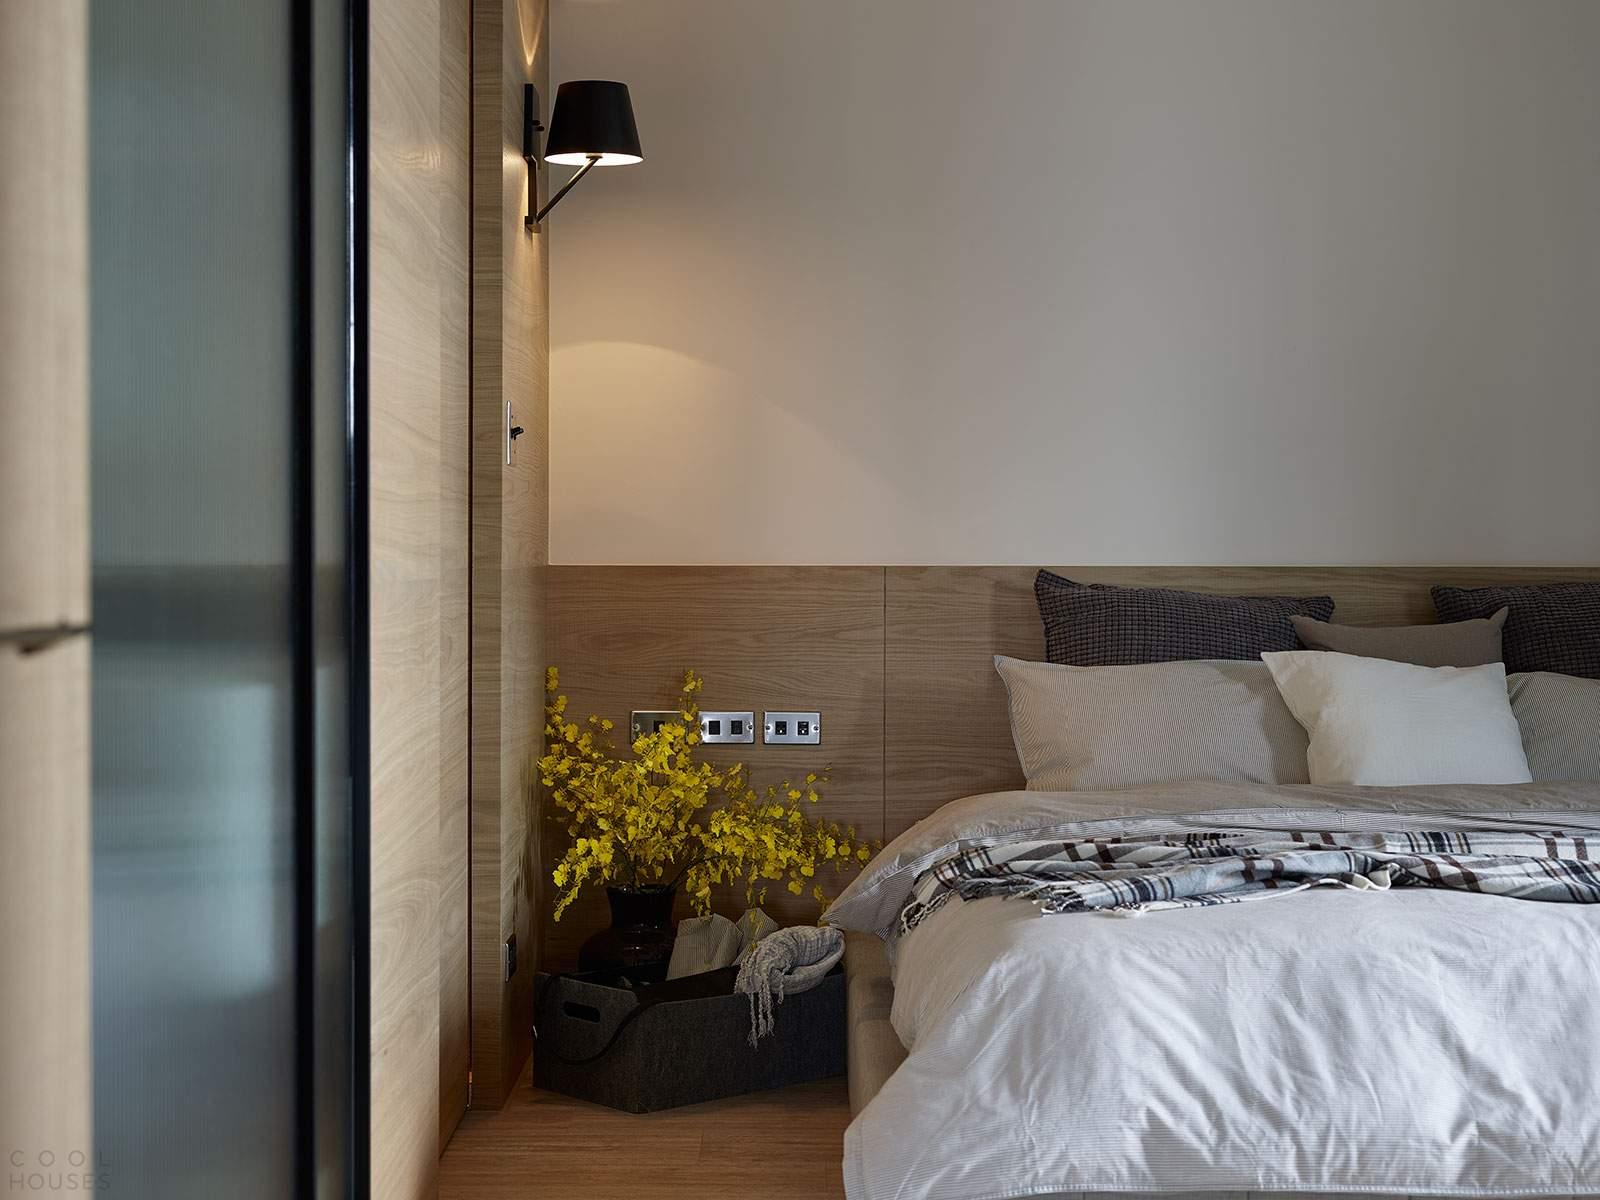 Стильная квартира с открытой планировкой в Тайване